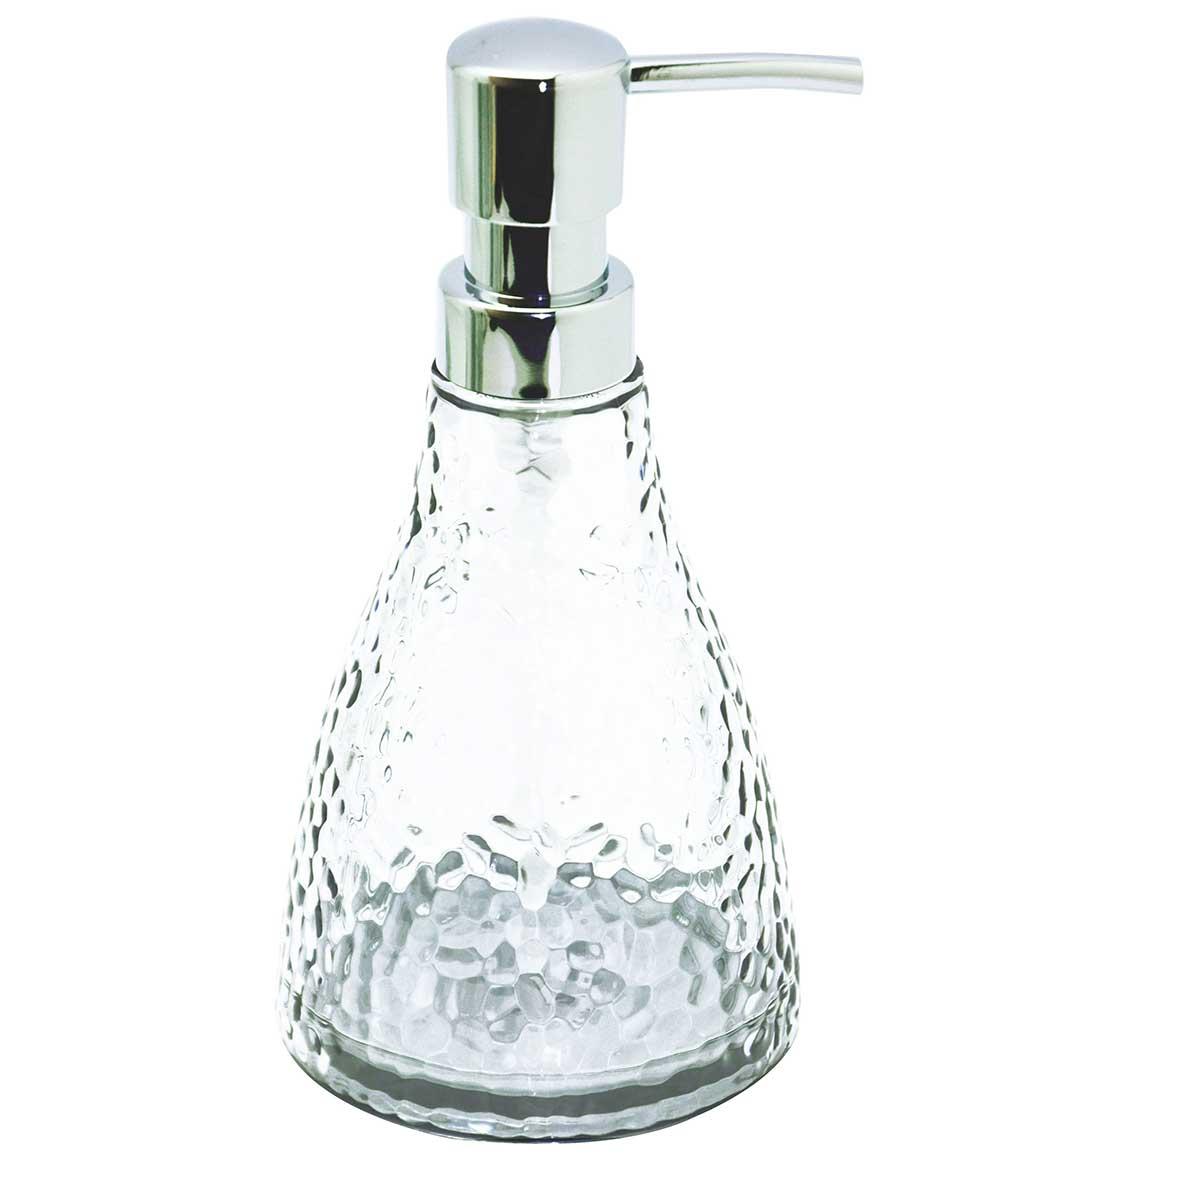 Distributeur de savon effet craquelé transparent